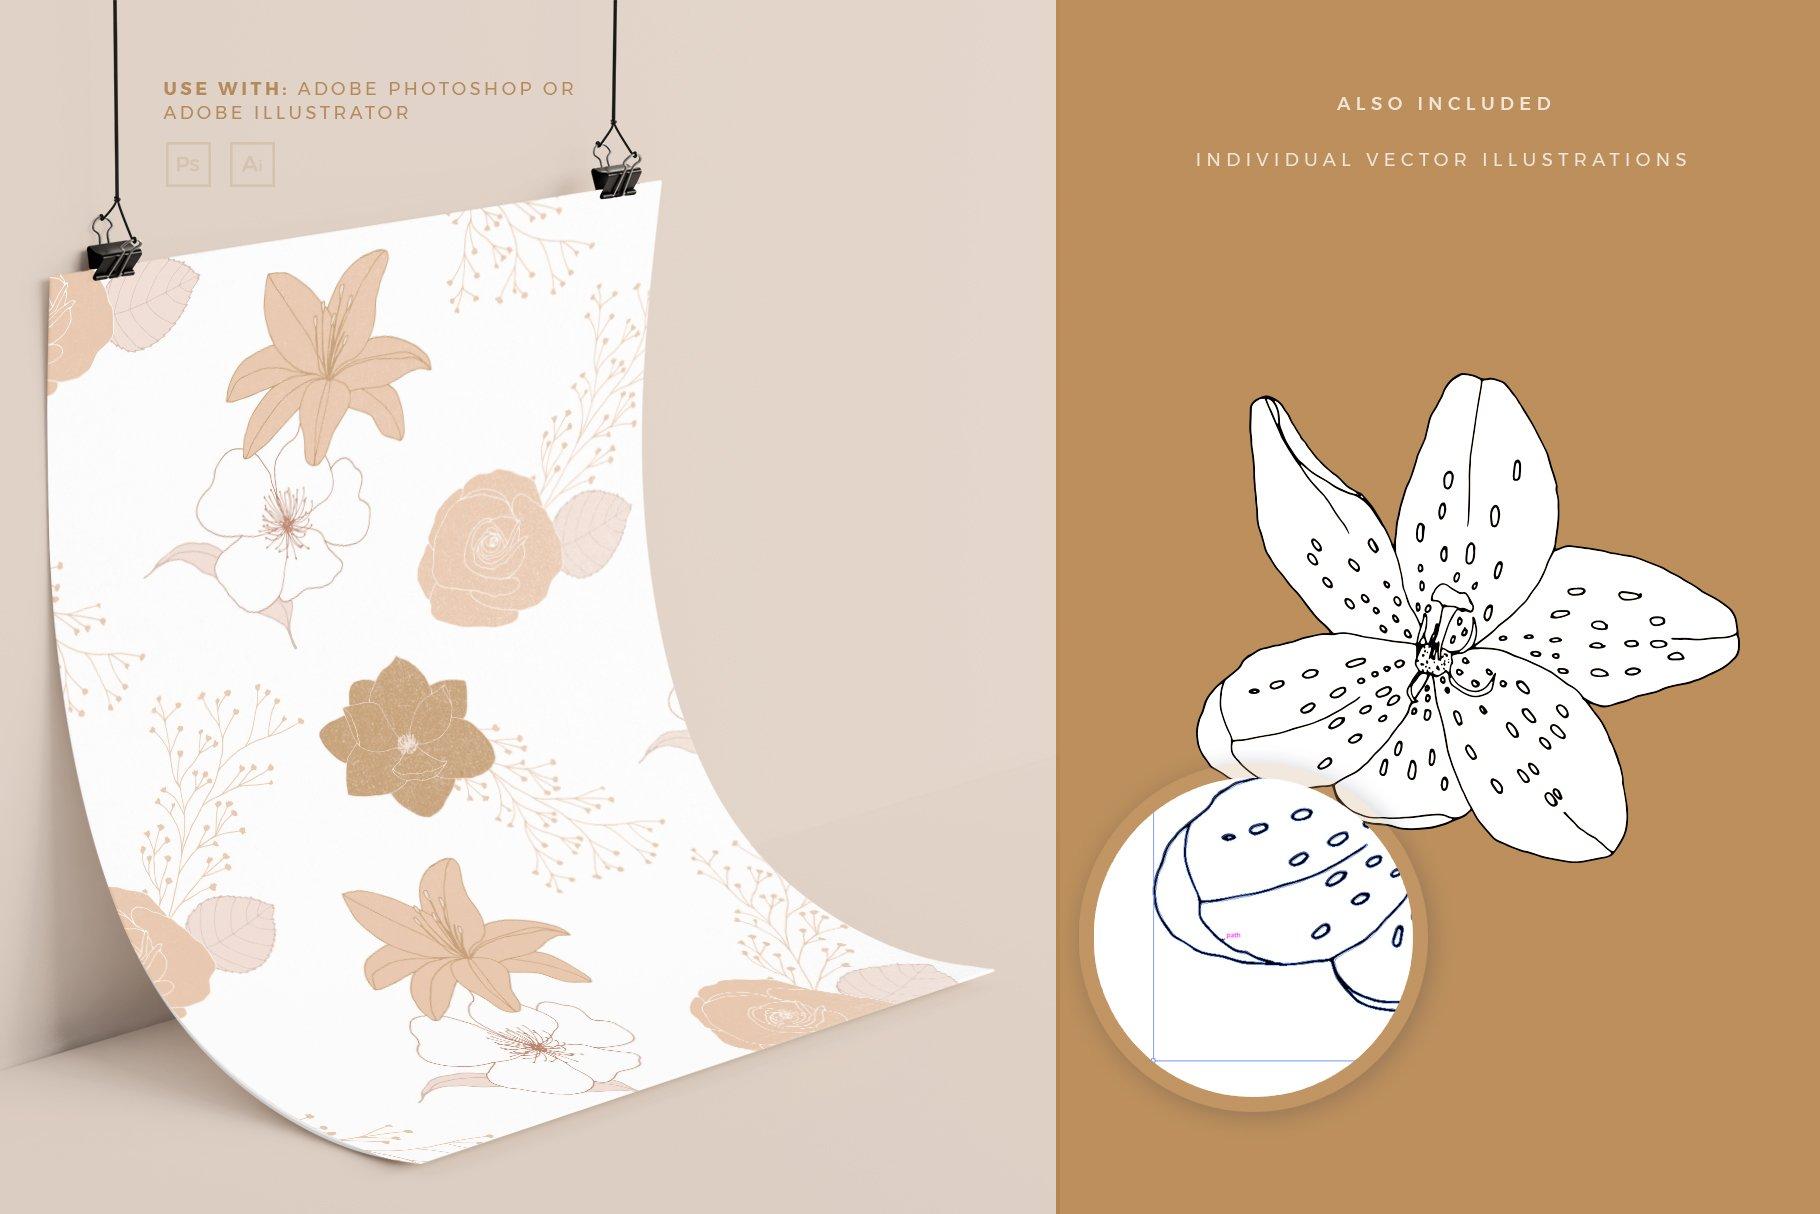 手绘盛开花卉花朵矢量无缝隙图案素材 Blooming Garden Floral Patterns插图(3)